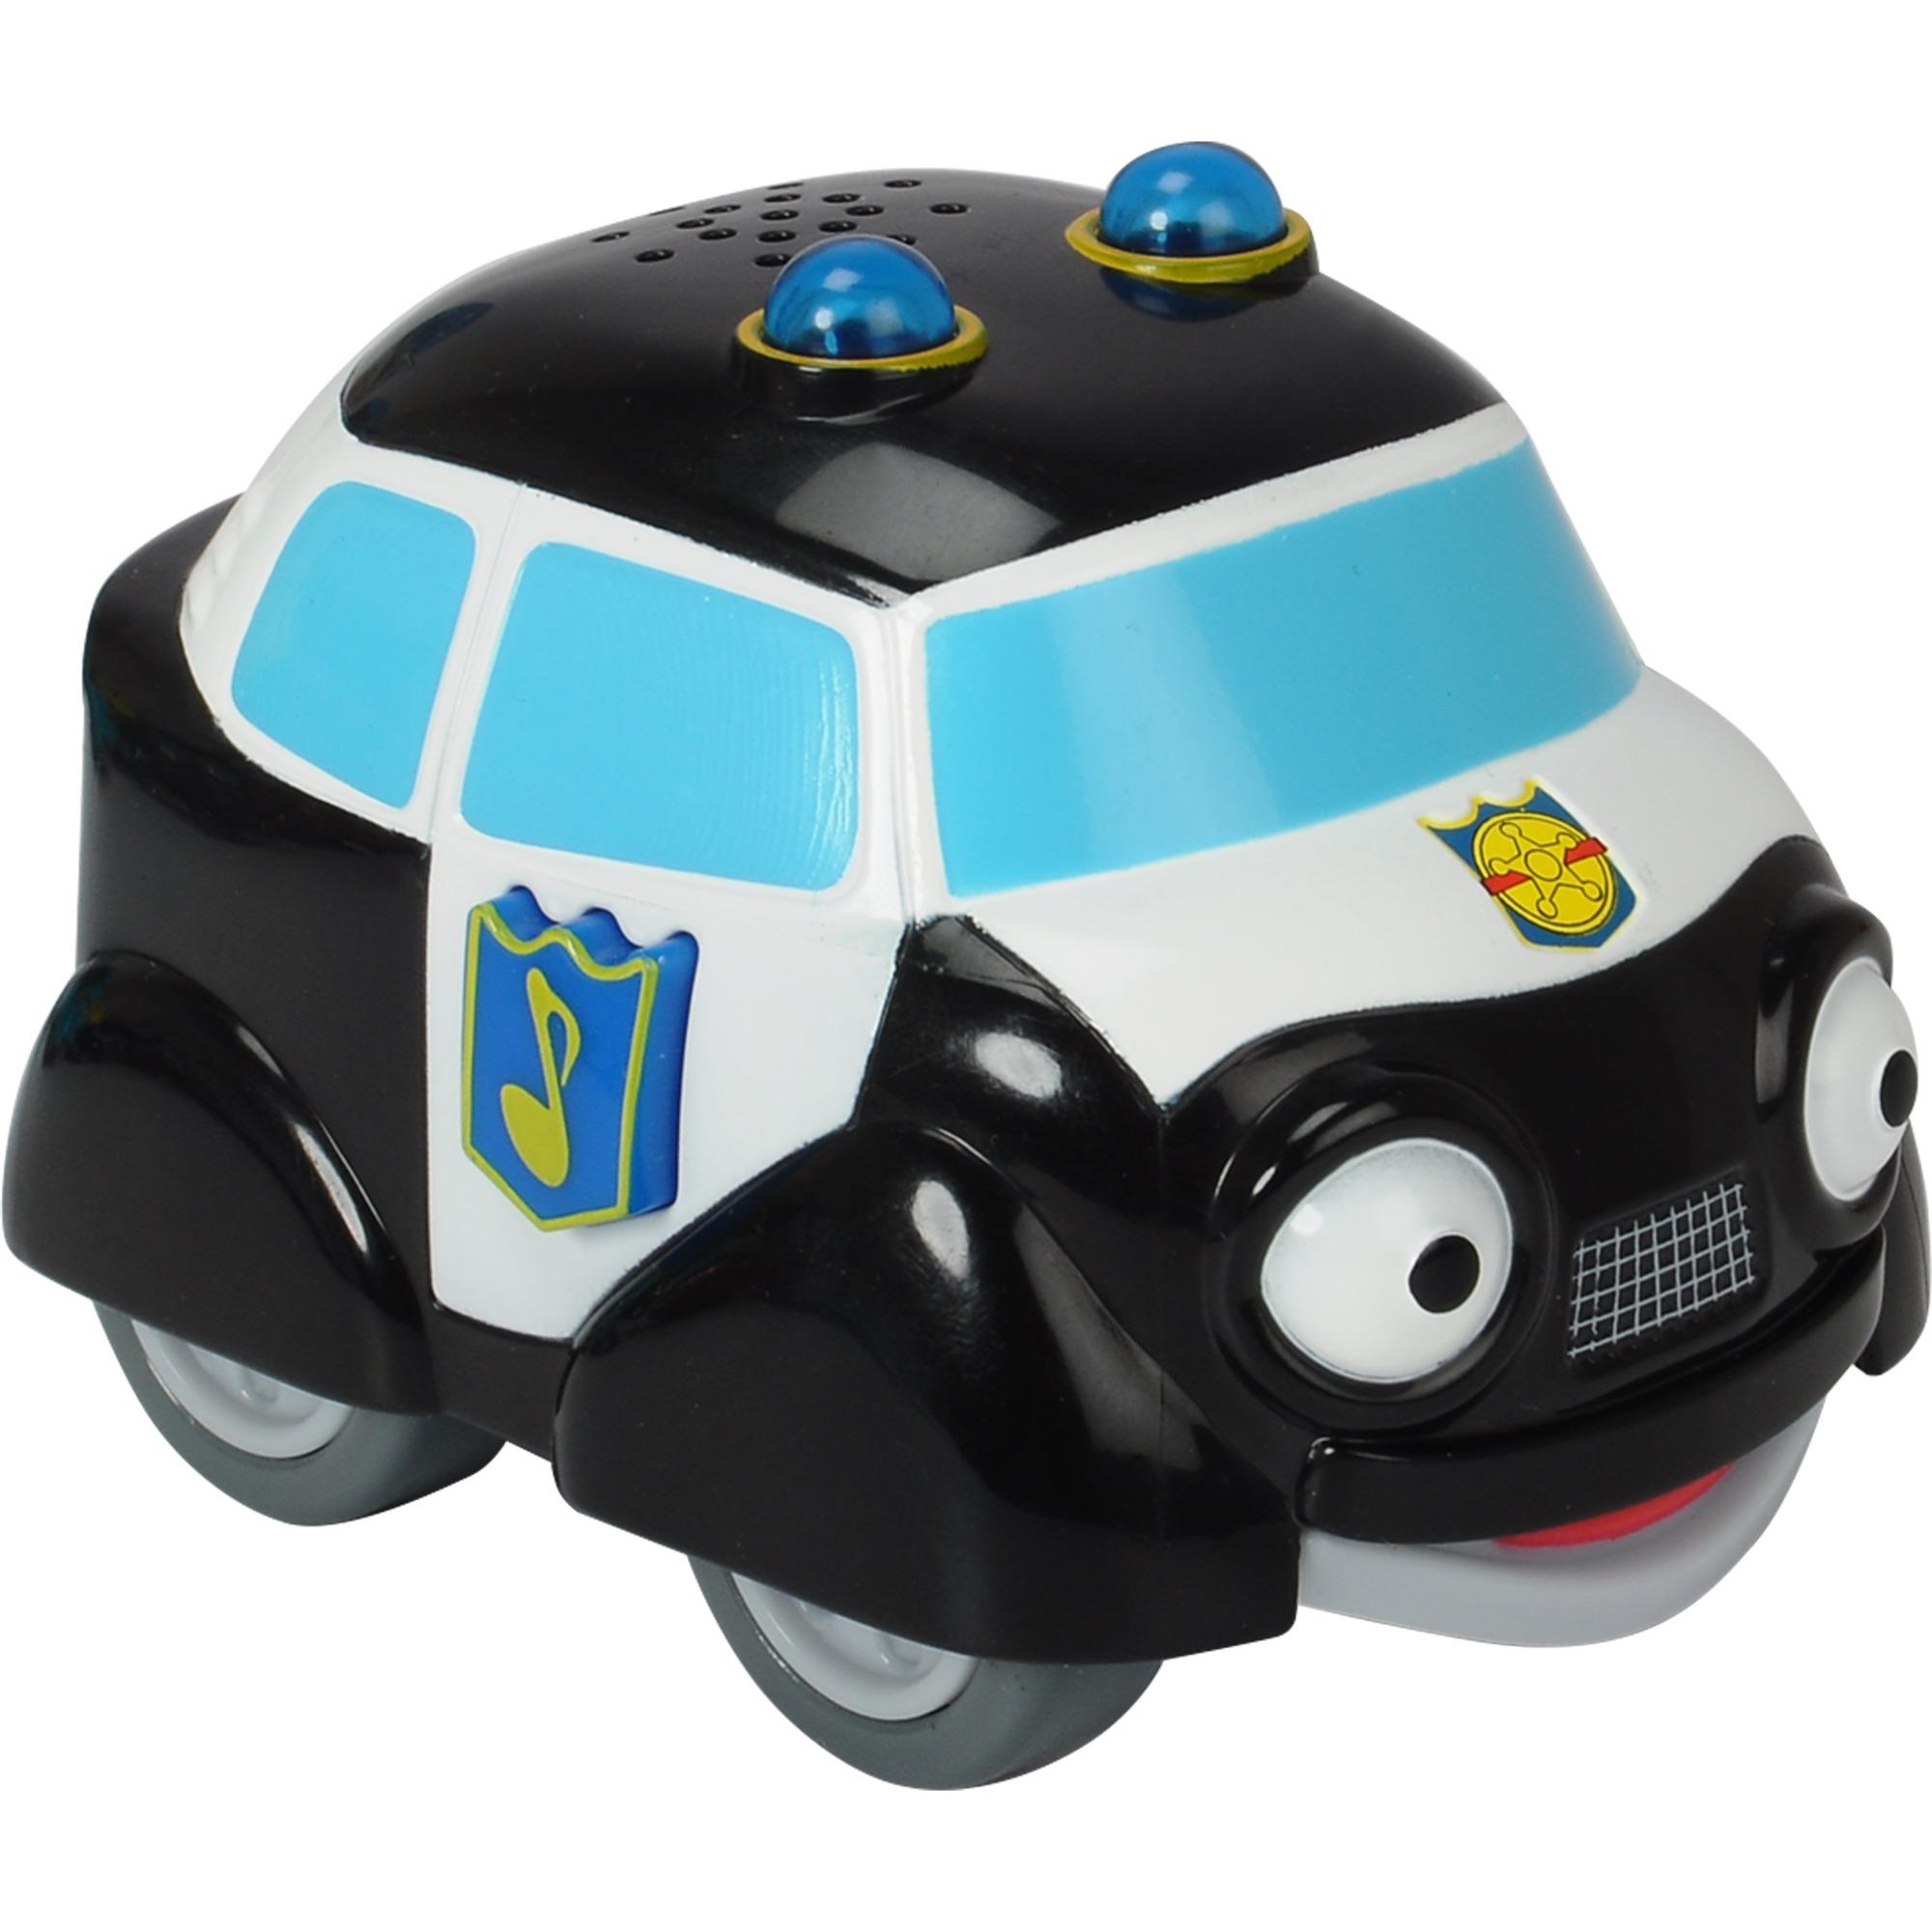 203121000, Vehículo de juguete